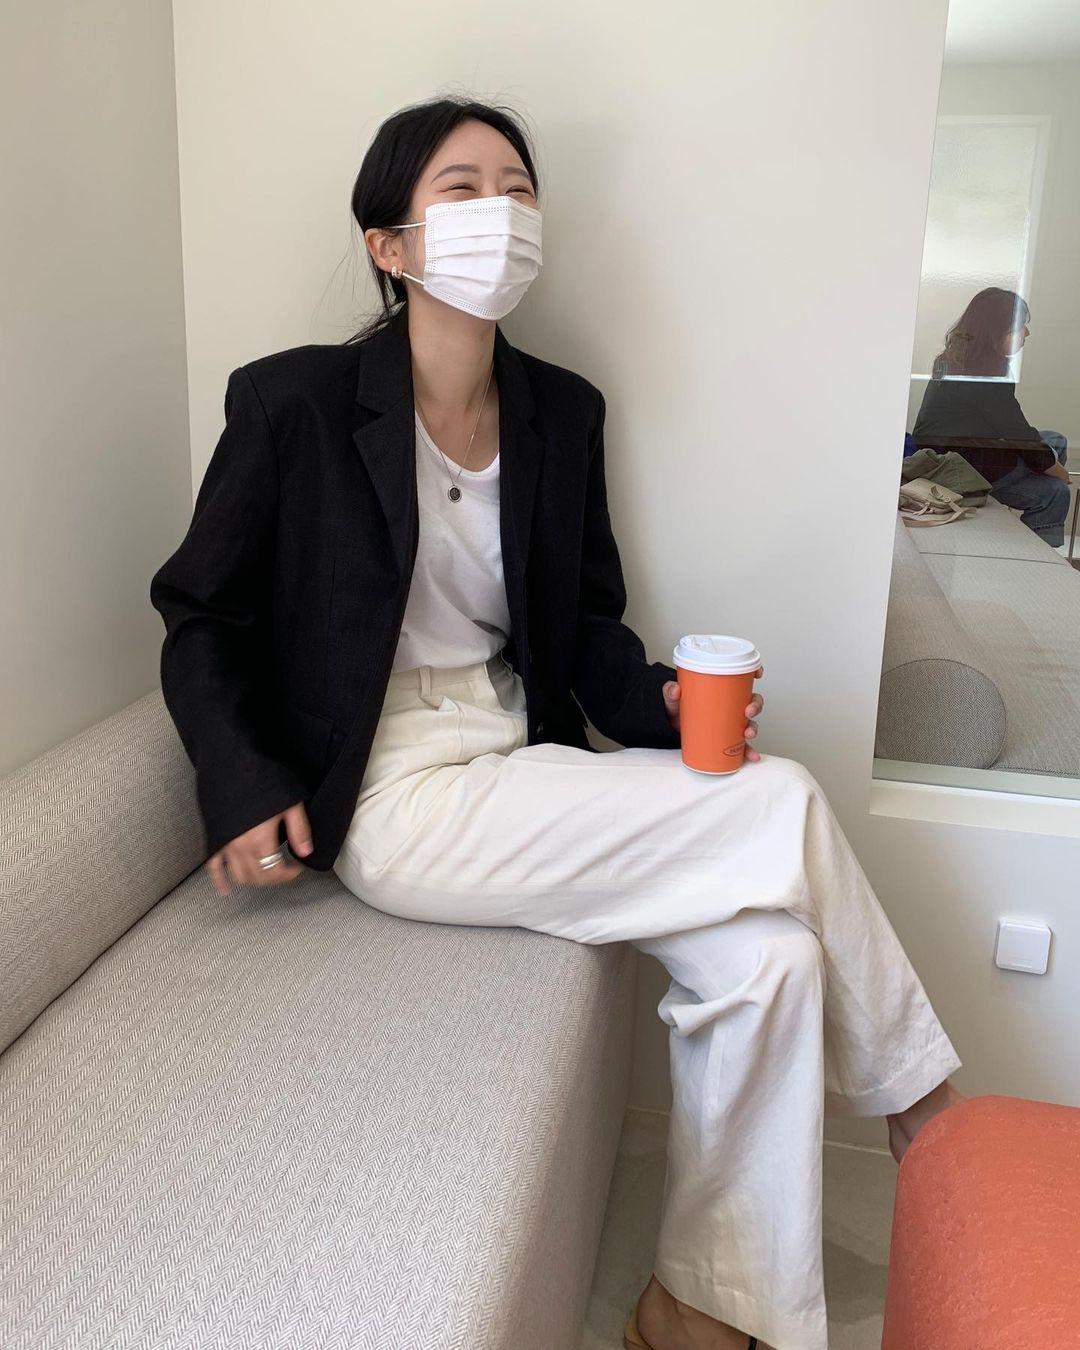 Nàng blogger Hàn có biệt tài diện toàn đồ đơn giản mà ai cũng muốn copy theo, diện đi làm hay đi chơi cũng ổn - Ảnh 7.